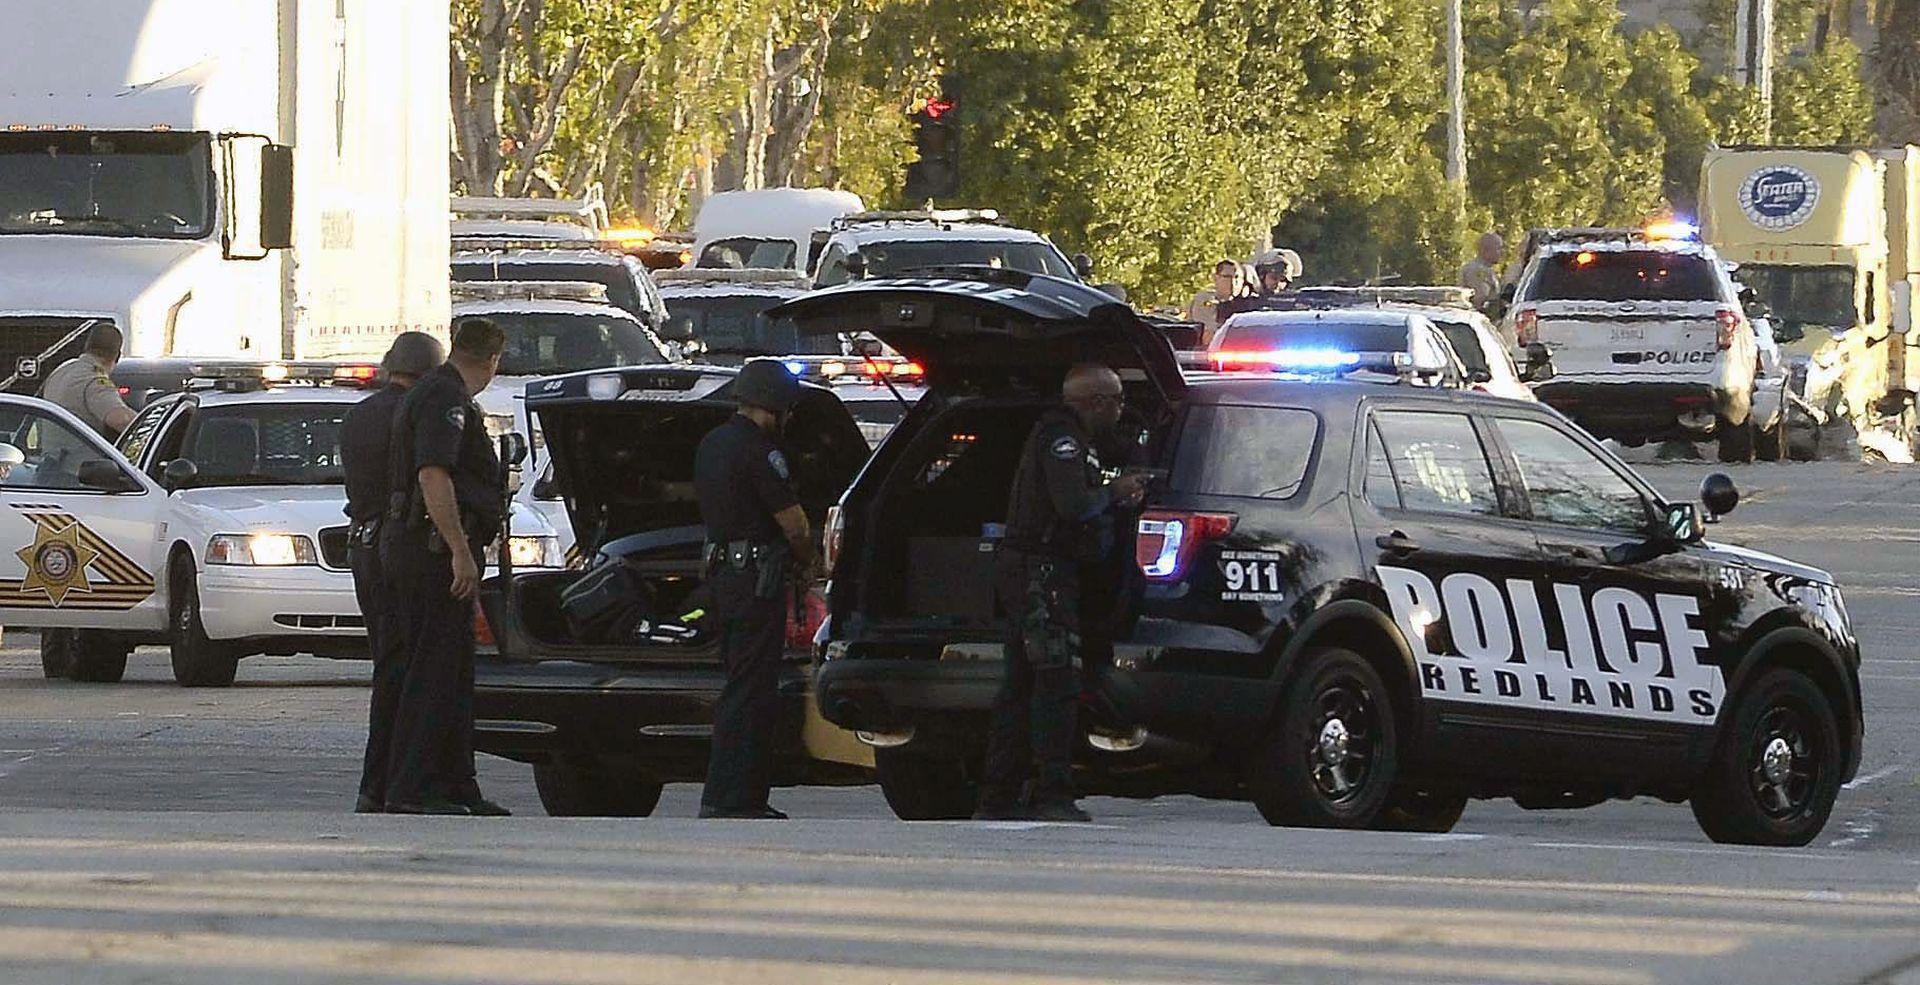 RACIJE U AMERICI Policija uhitila tri osobe povezane s napadom na San Bernardino